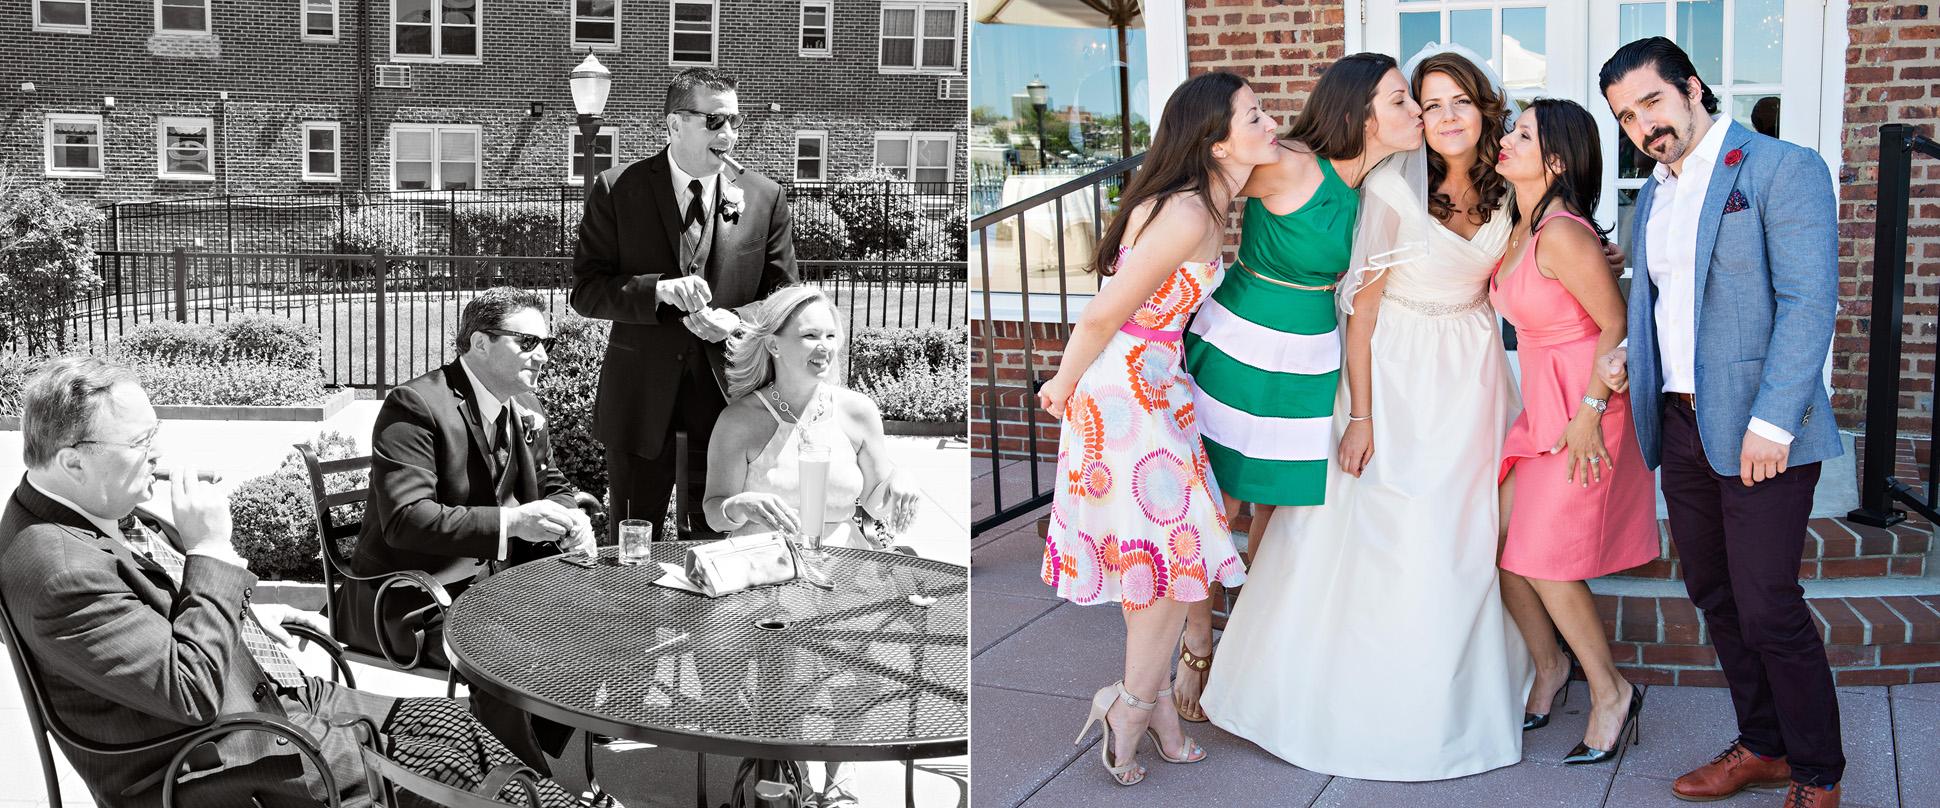 48-Sara Stadtmiller-SRS-Photography-Asbury-Park-Wedding-Photographer-Monmouth-County-Wedding-Photographer-NJ-Wedding-Photographer-Molly-Pitcher-Inn-Wedding